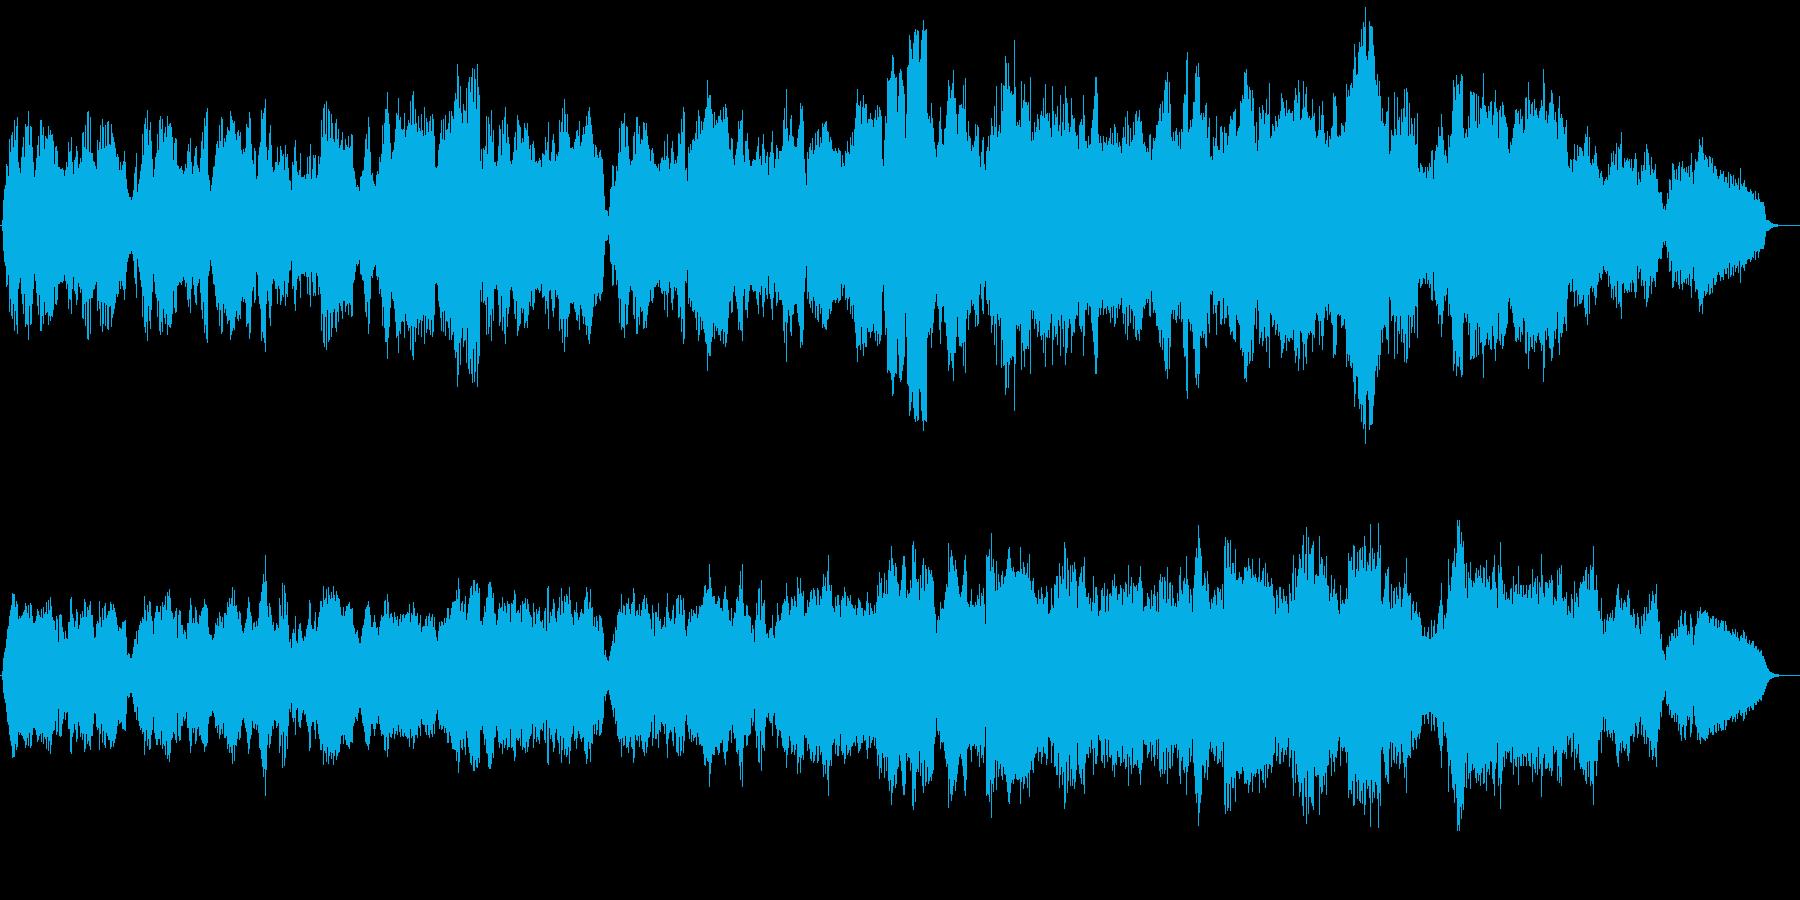 弦楽器と管楽器が印象的な映像向け作品の再生済みの波形